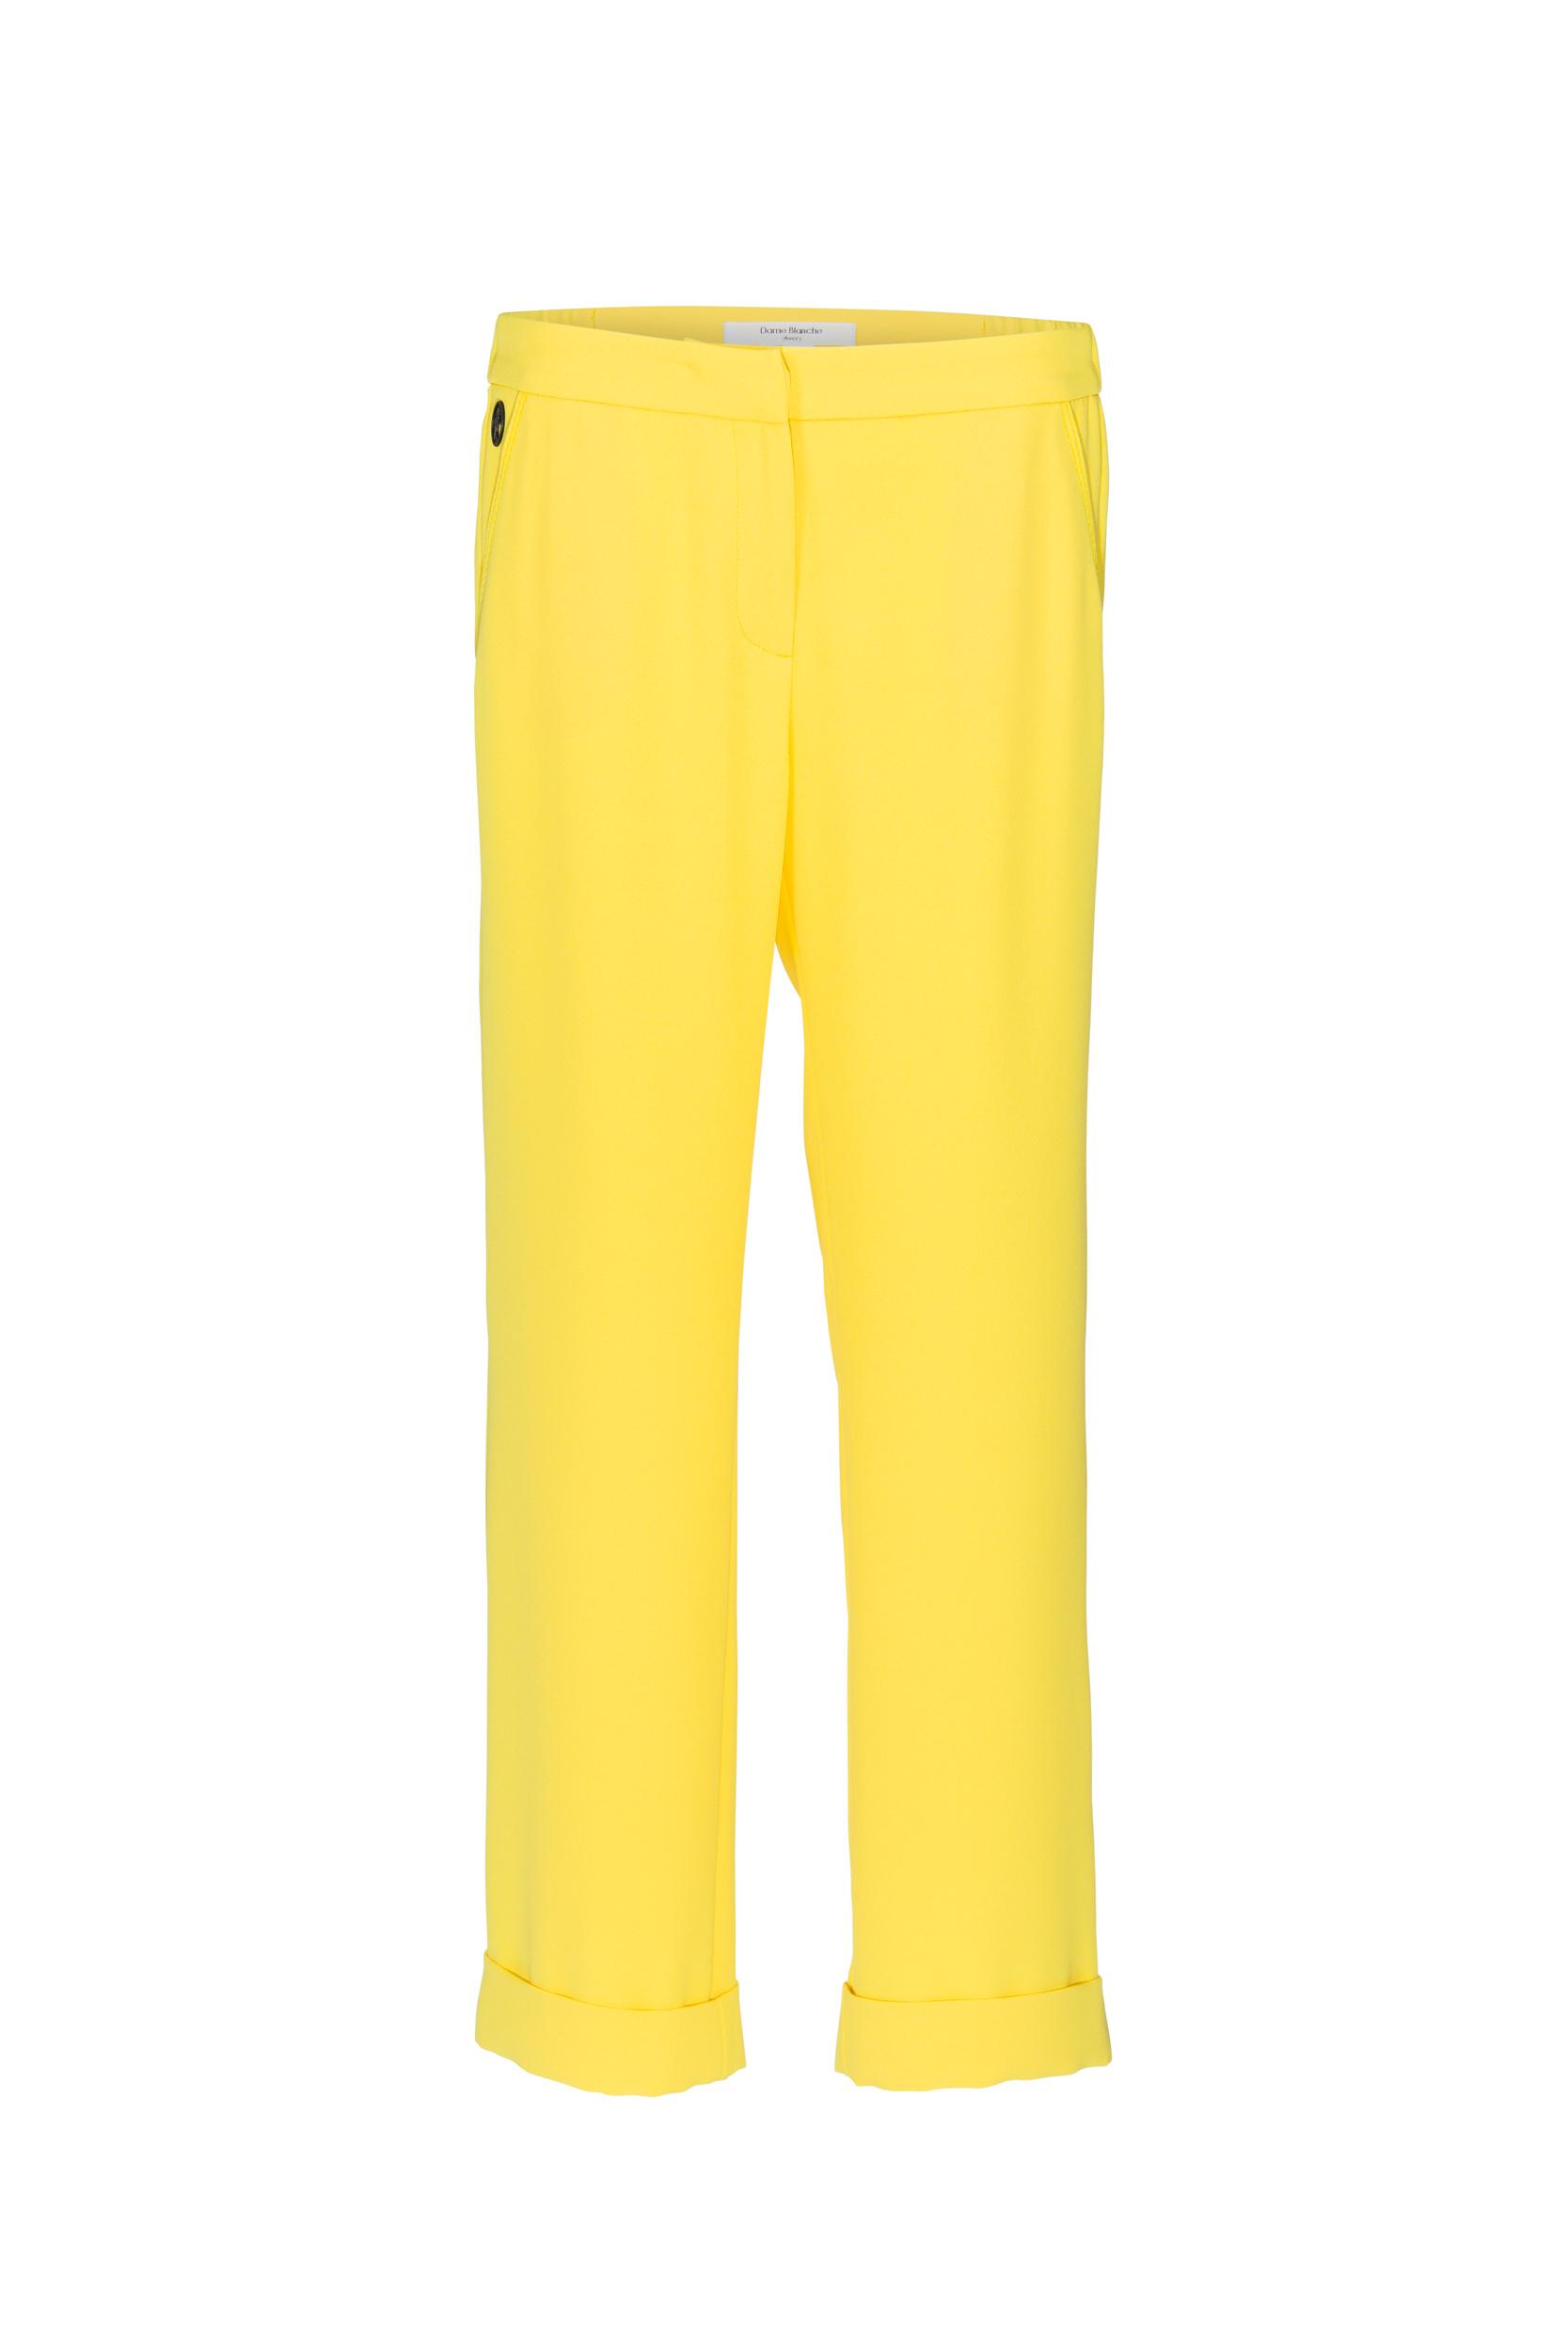 Thérèse 1 Yellow (€169,95)